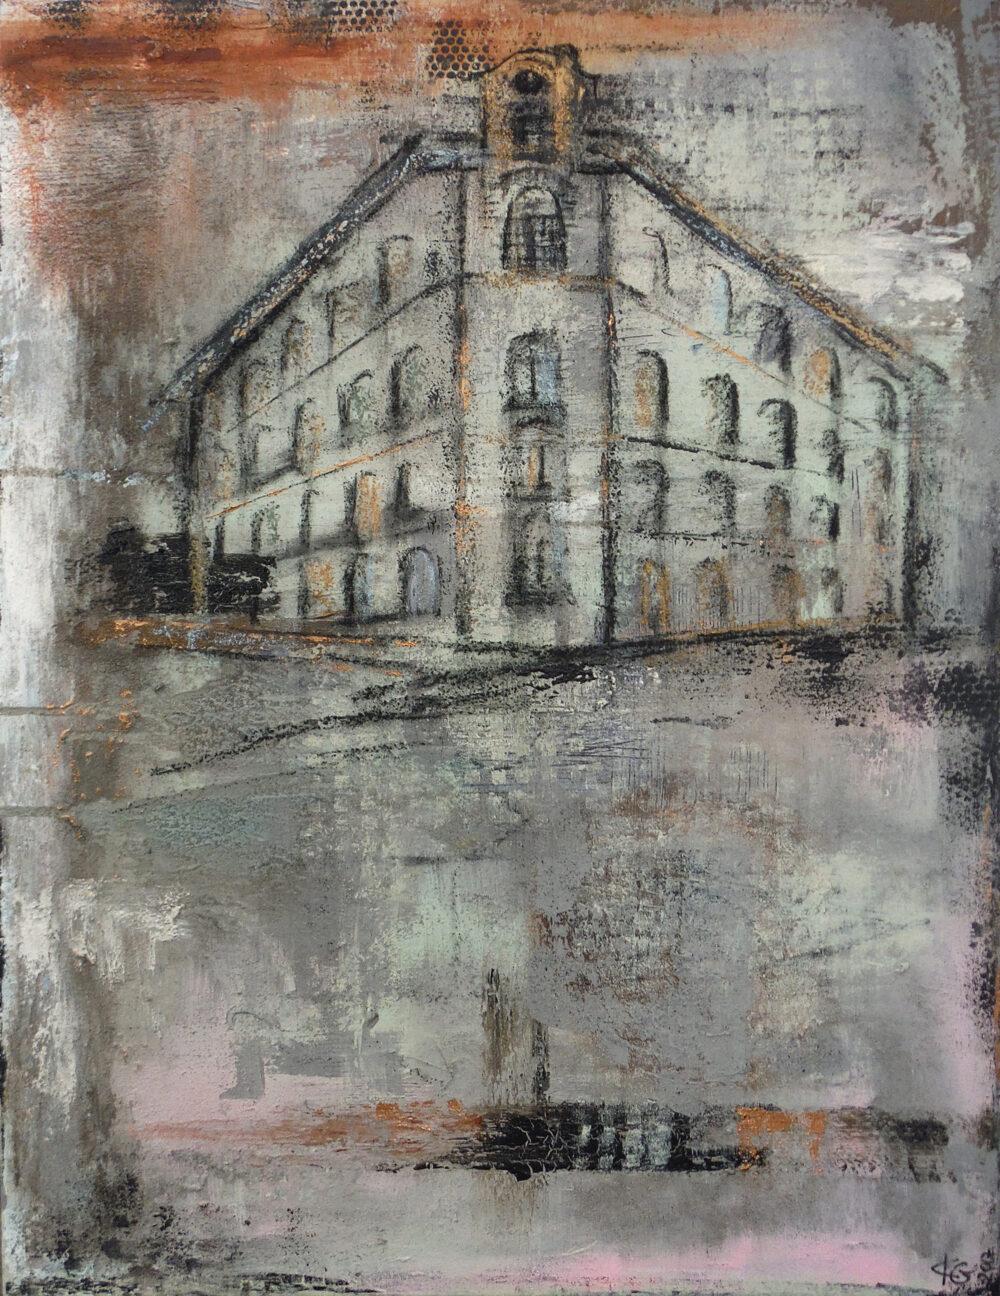 Das Gemälde Viscule-Lüneburg zeigt eine Ecke des historischen Viskulenhofs Lüneburg vor der Modernisierung in gedeckten Farben im Industrial-Style, abstrahiert.